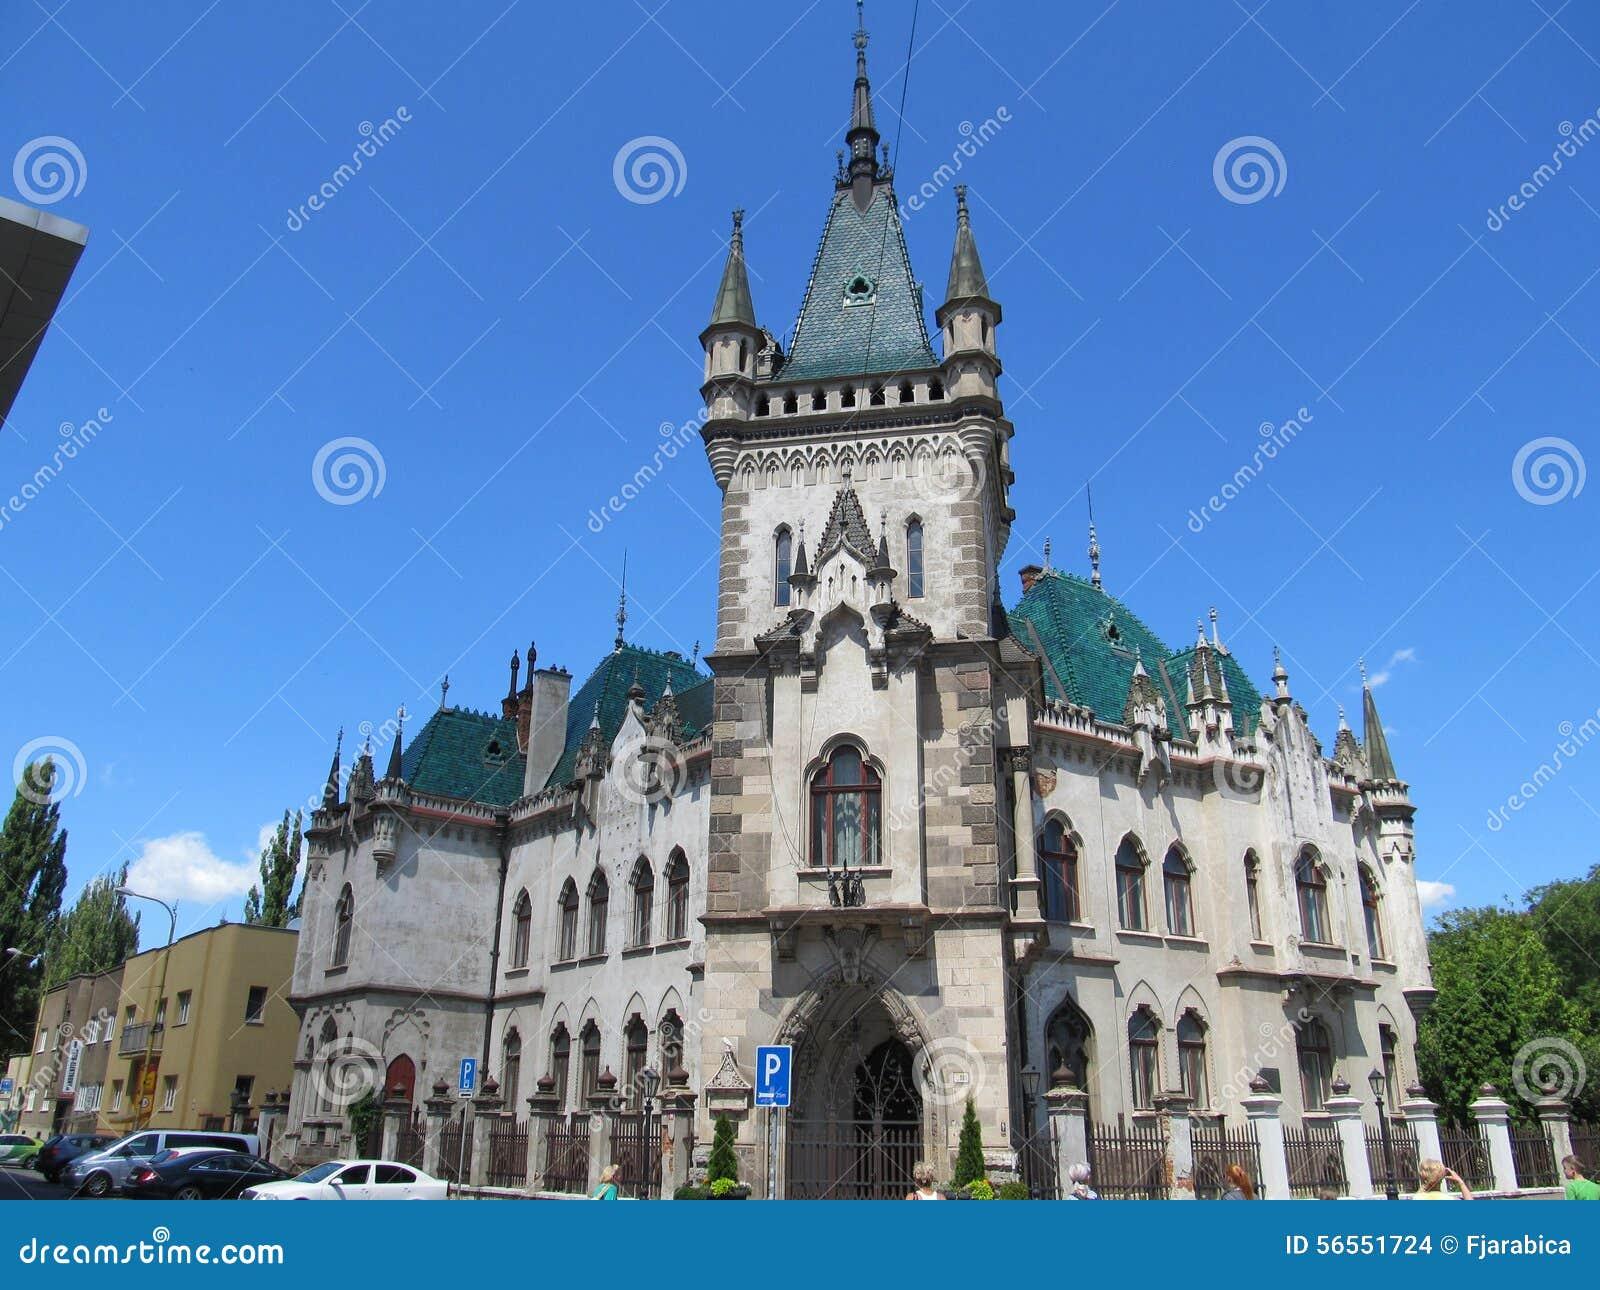 Download Castle εκδοτική στοκ εικόνα. εικόνα από μικρός, πρόεδρος - 56551724